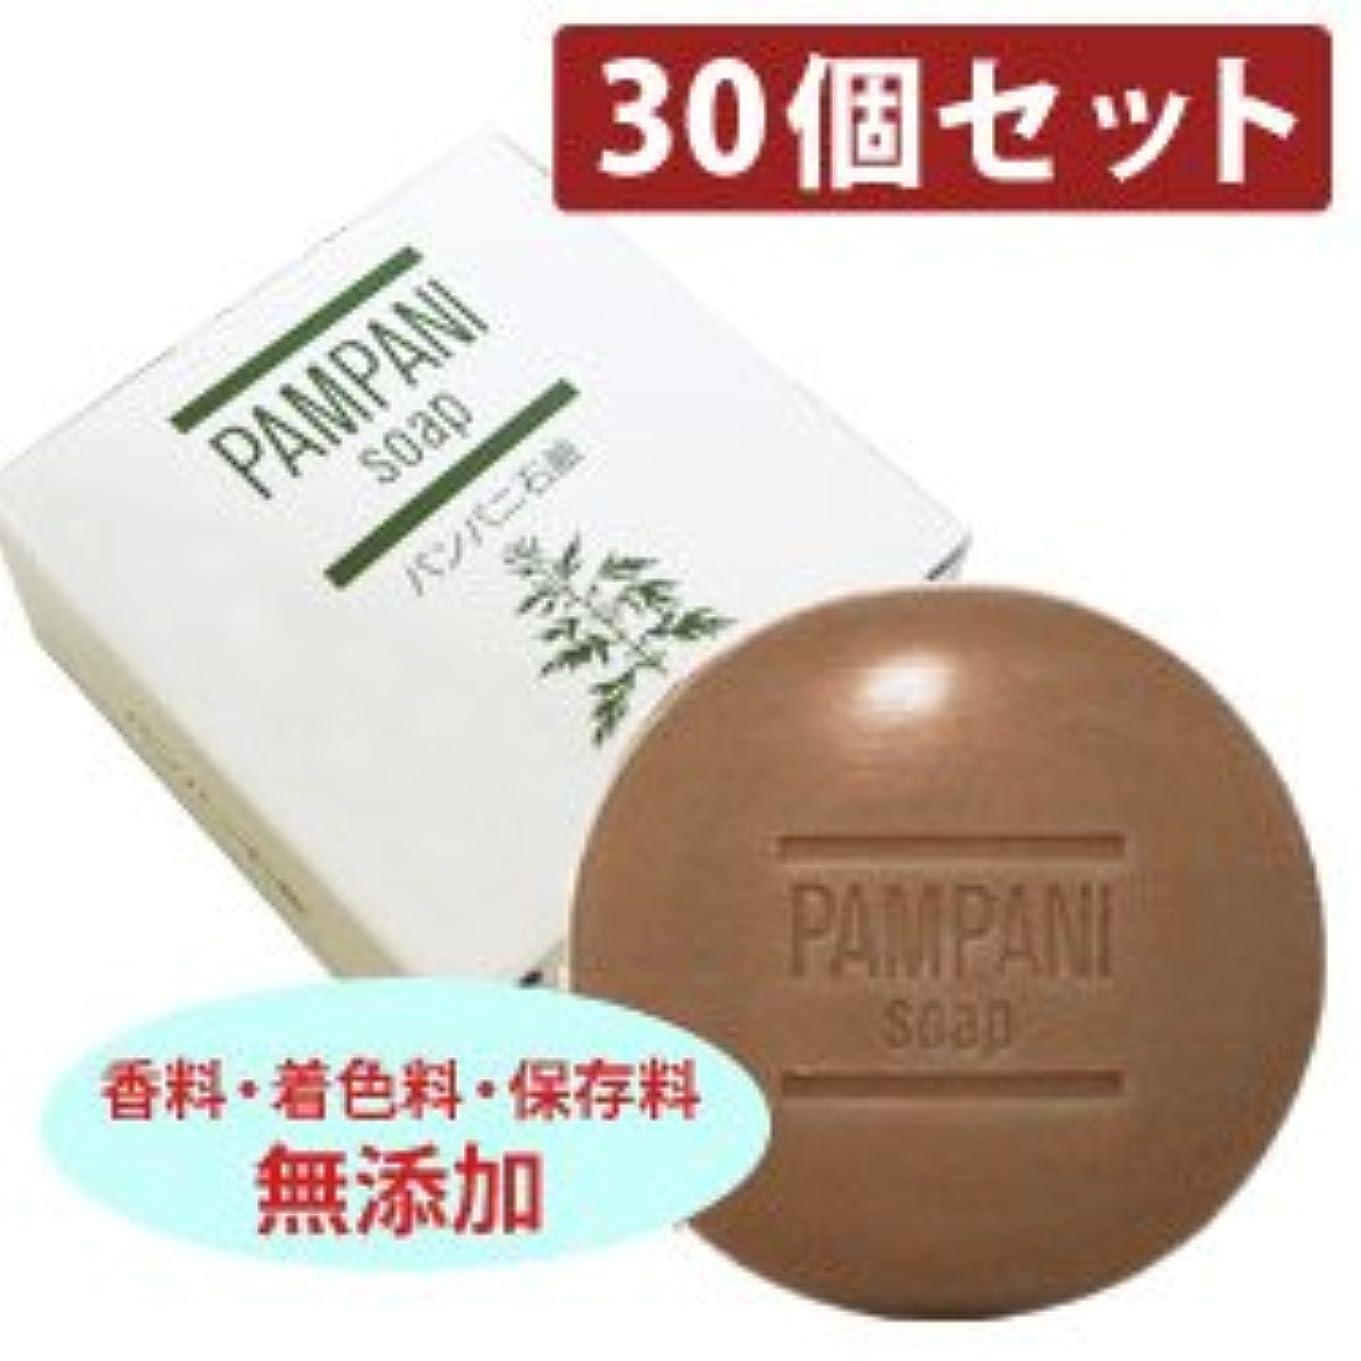 列挙する混合弾薬パンパニ 石鹸?90g 【30個セット】